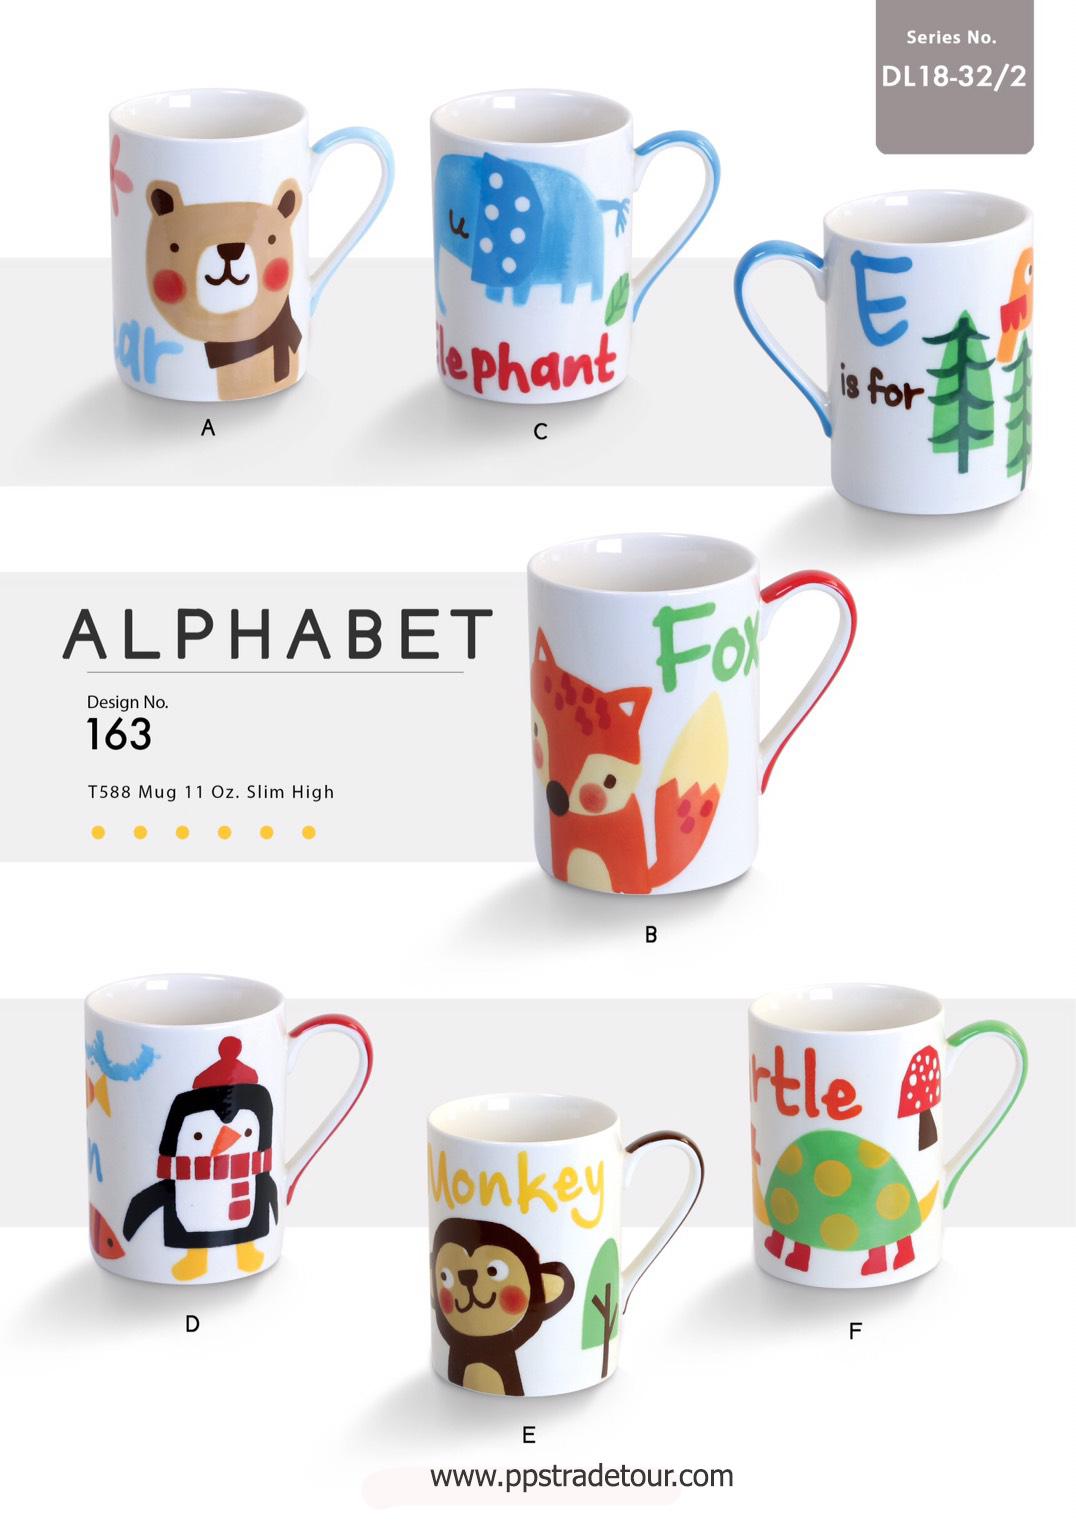 Alphabet-Ceramic Mug 11 Oz.